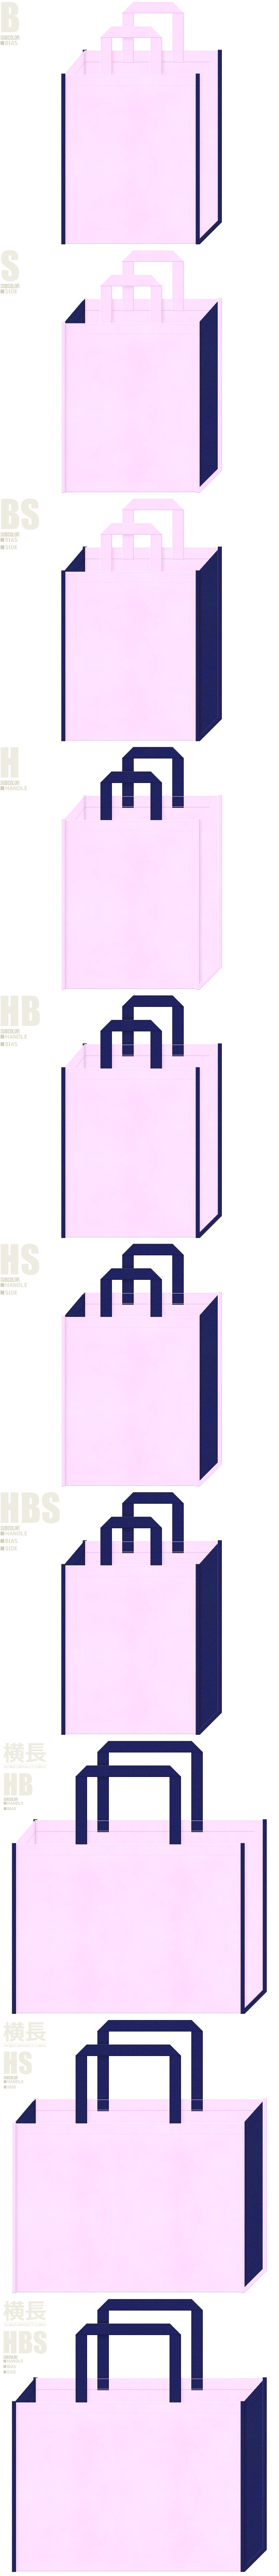 夏浴衣・学校・学園・オープンキャンパス・学習塾・レッスンバッグにお奨めの不織布バッグのデザイン:明るいピンク色と明るい紺色の配色7パターン。